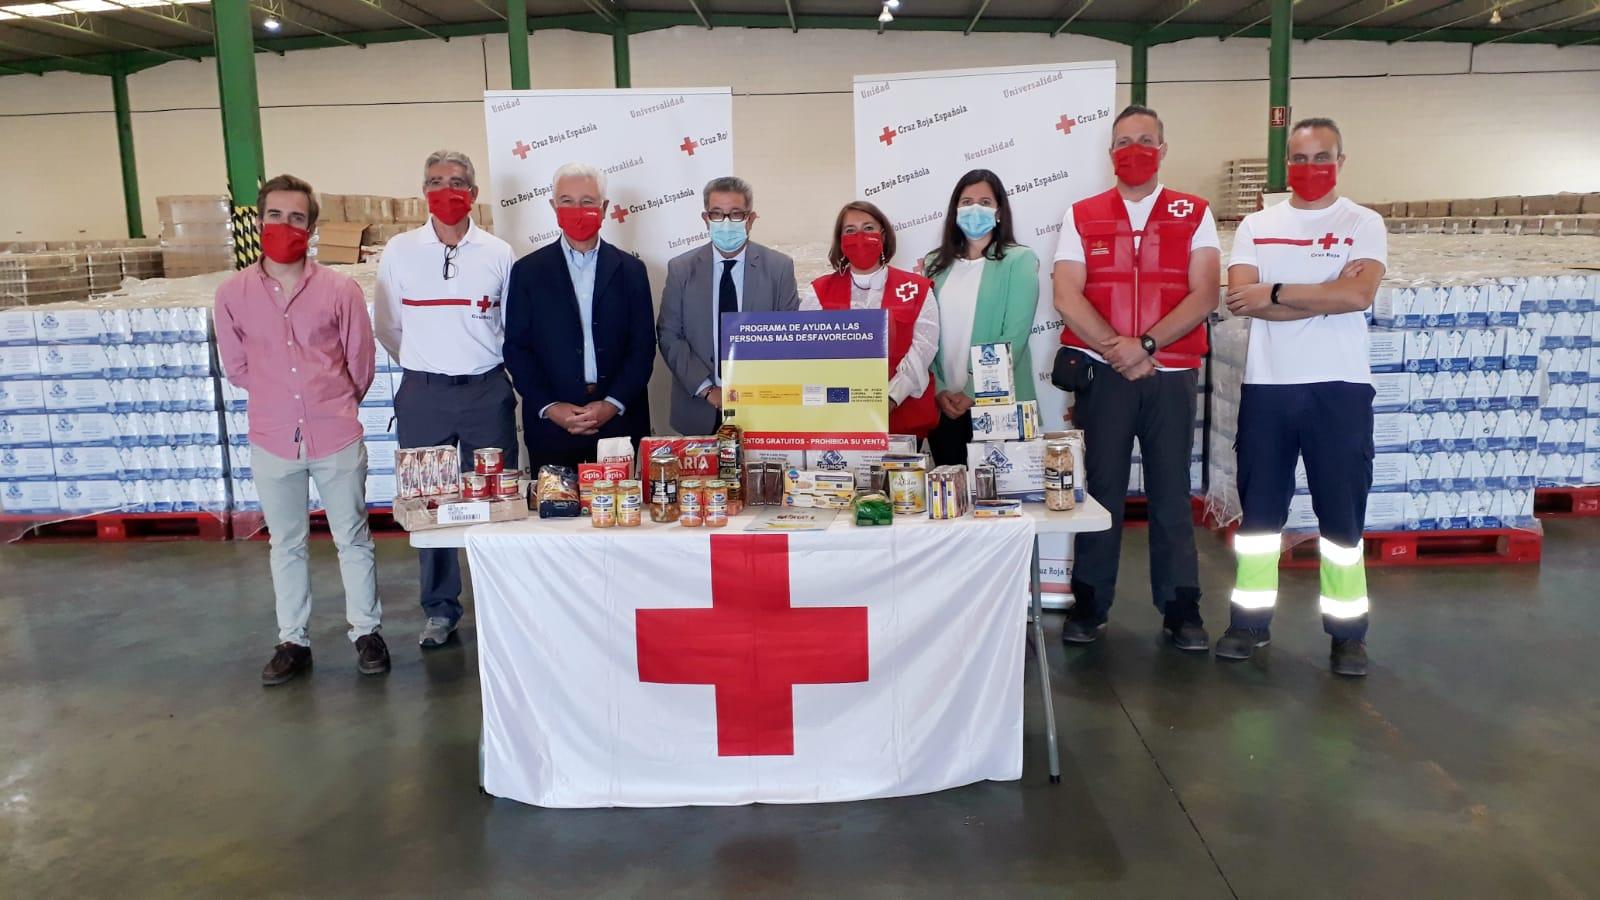 Cruz Roja y Banco de Alimentos distribuirán 1,53 millones de kilos de alimentos del programa de ayuda del Gobierno